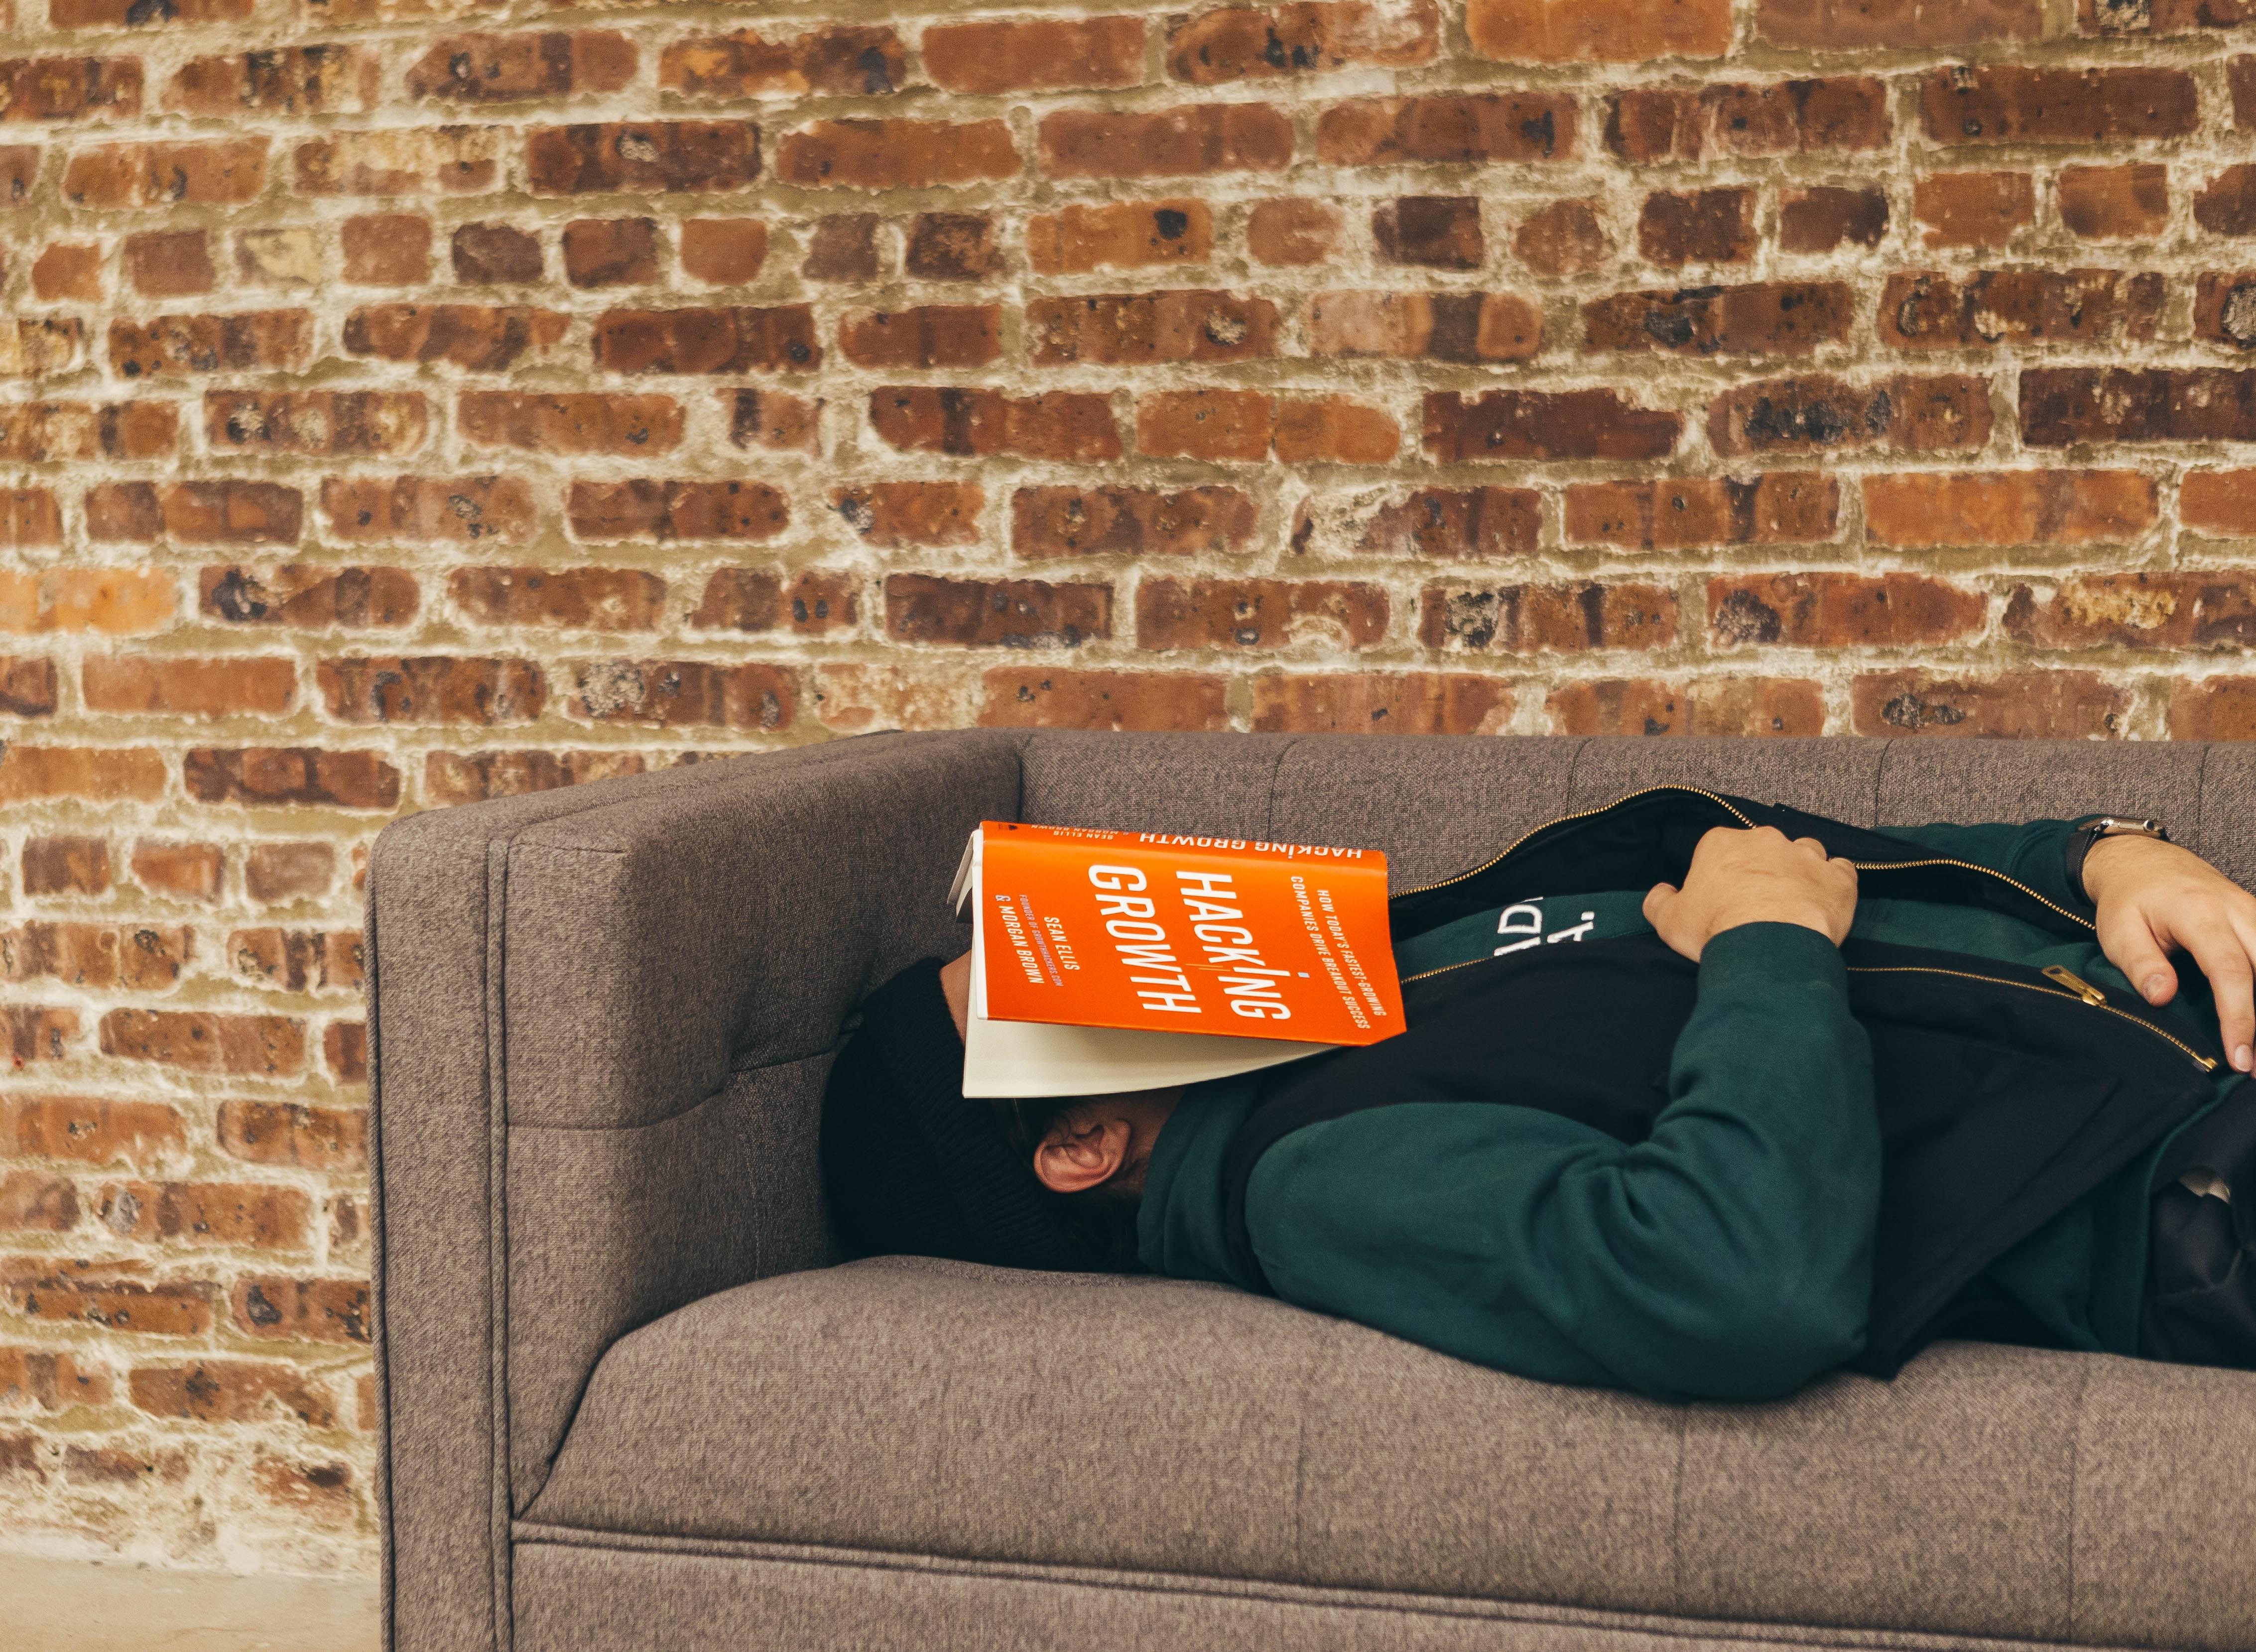 Employee sleeping on the job